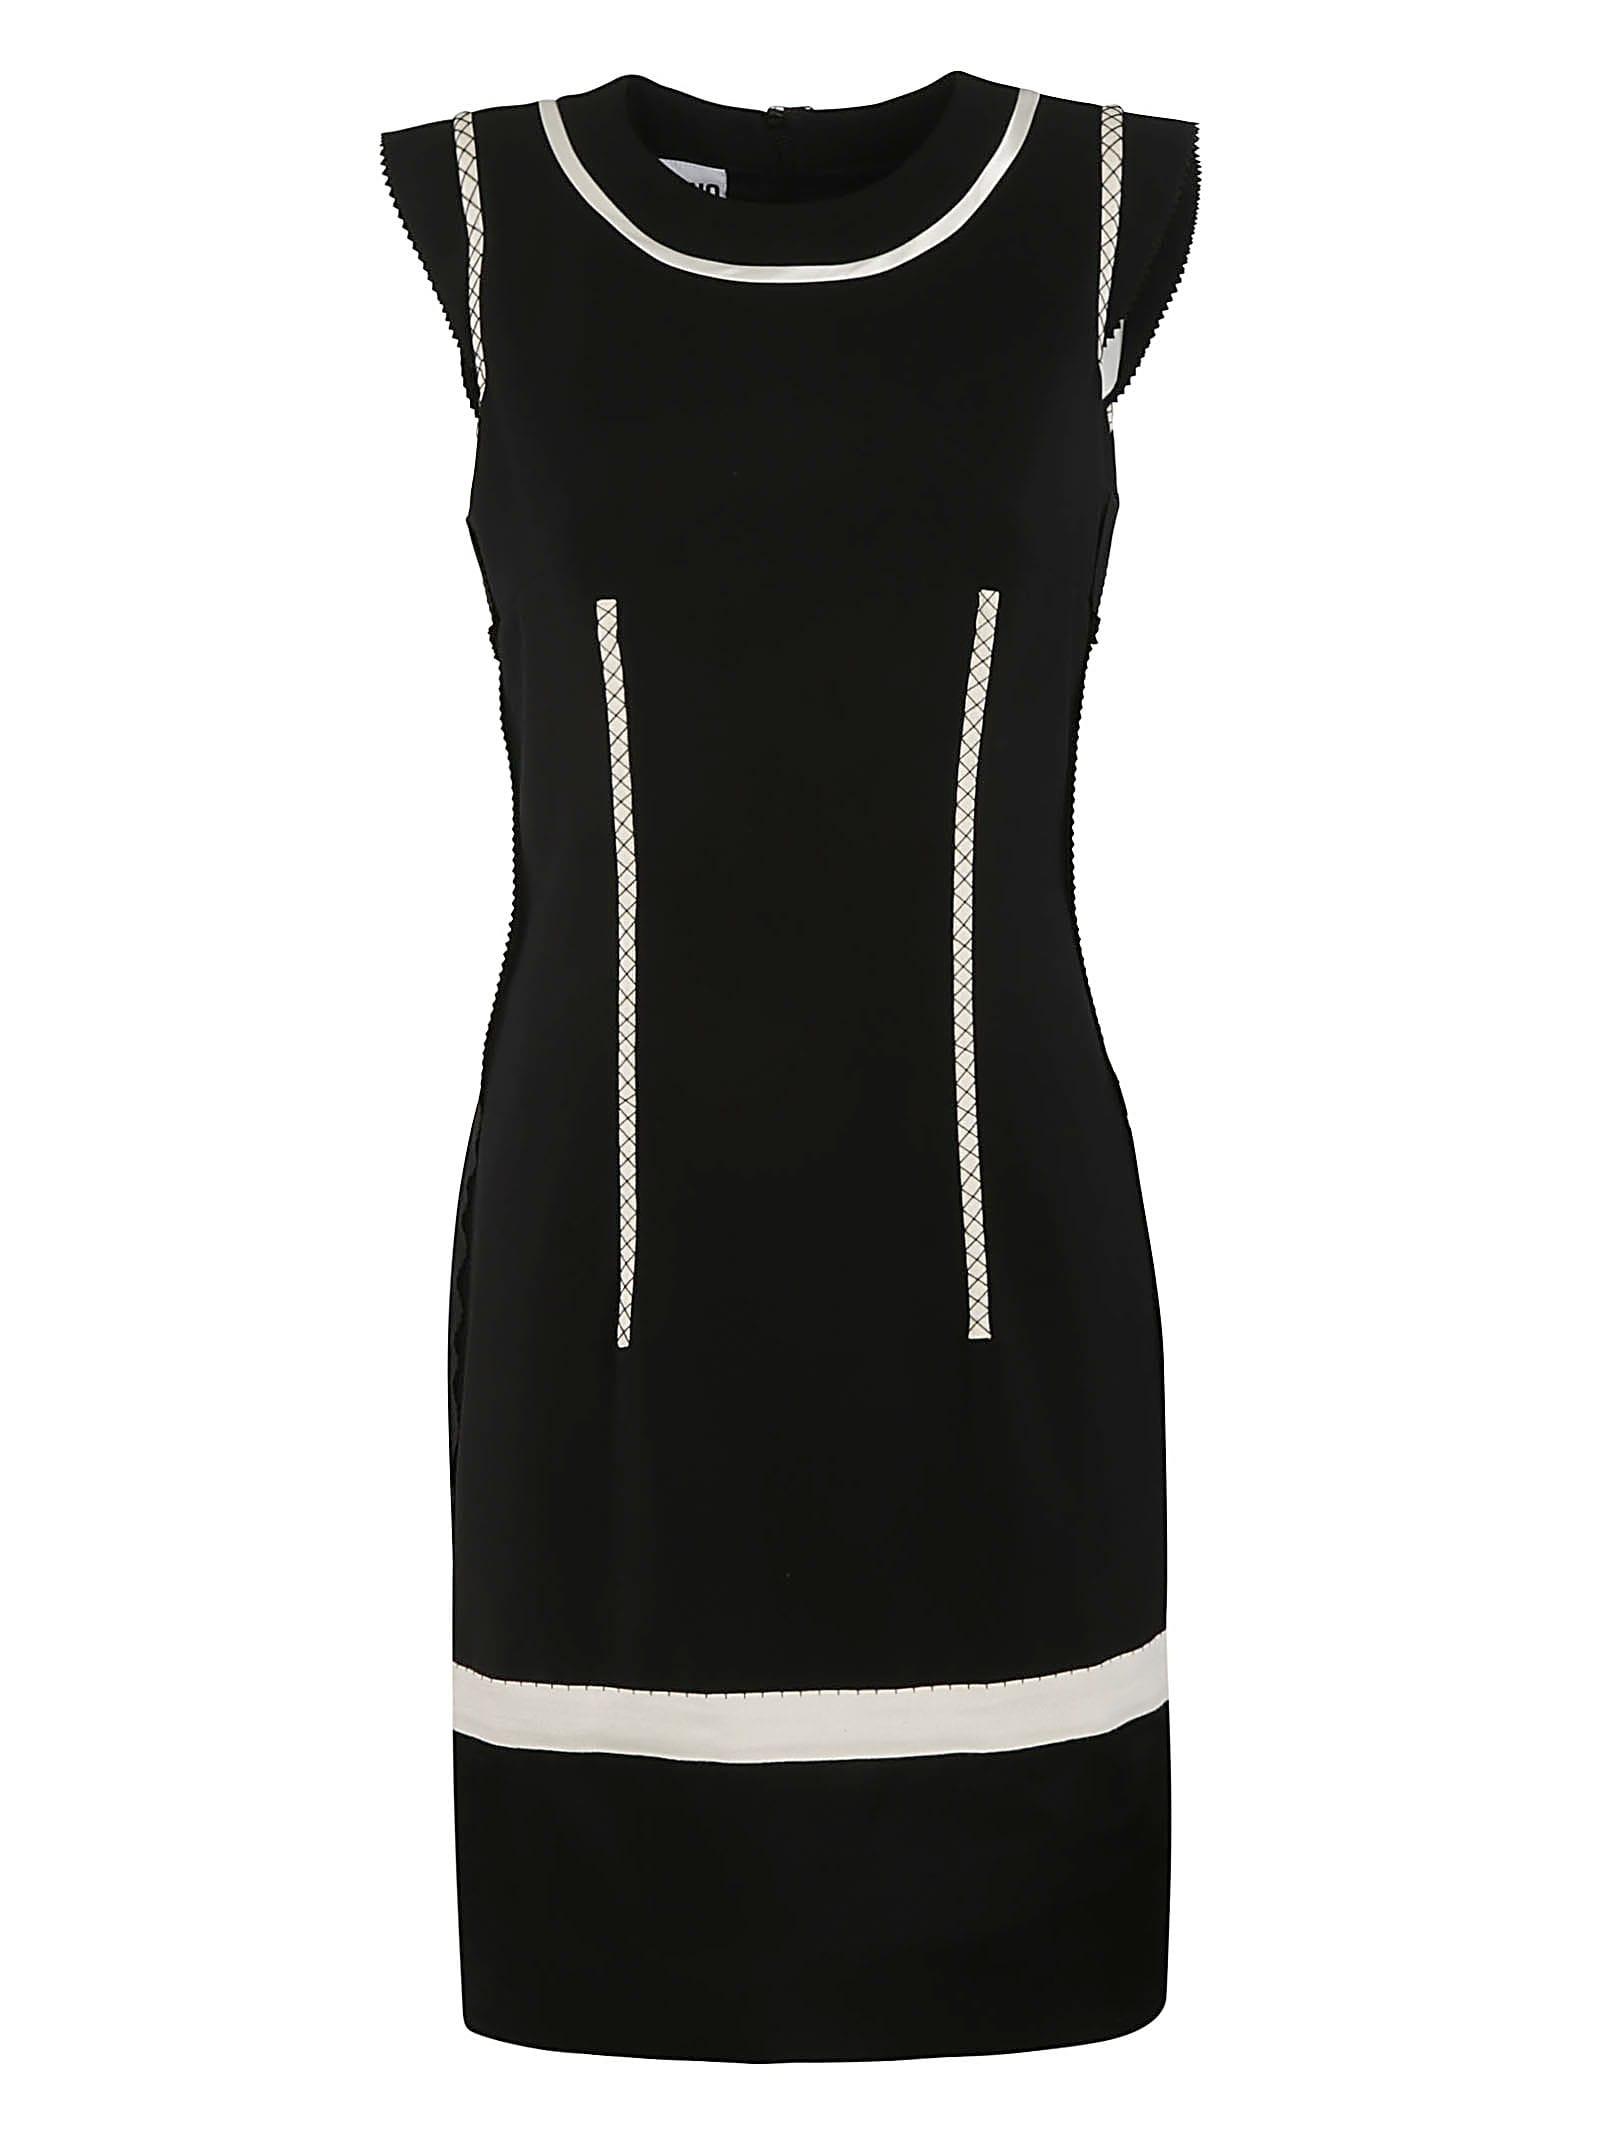 Moschino Rear Zip Sleeveless Slim Dress